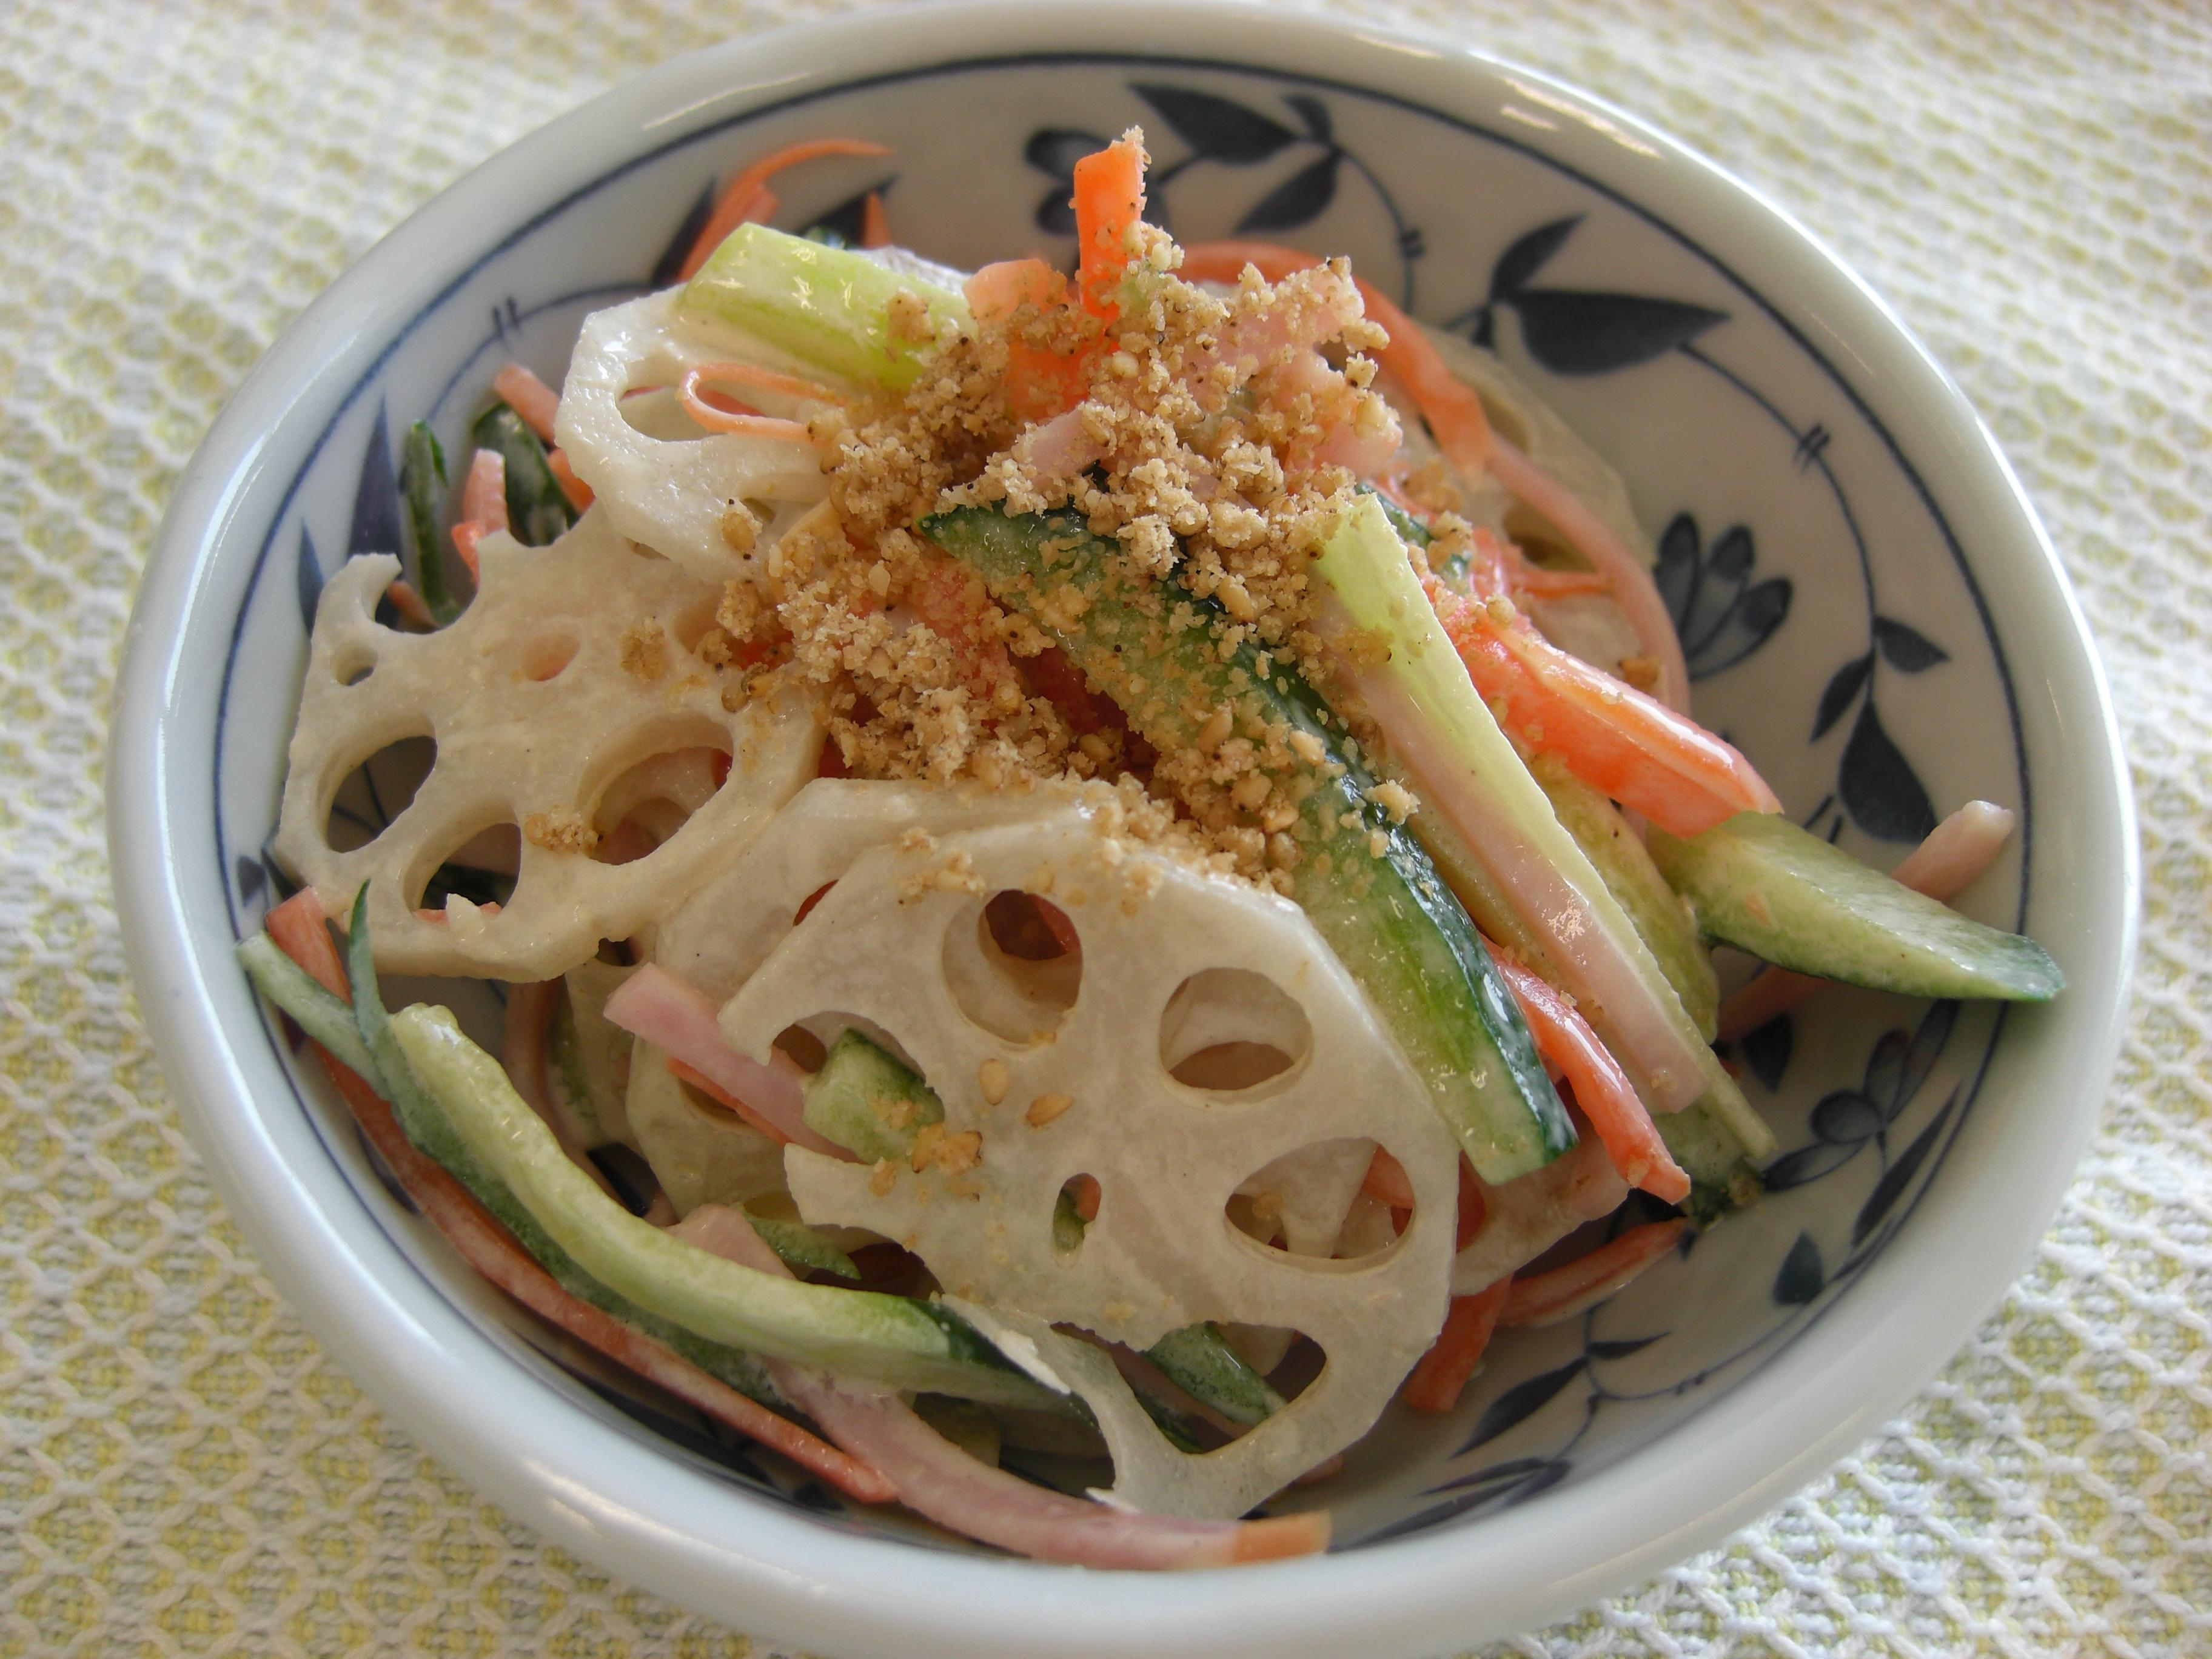 シャキシャキ美味しい☆簡単レンコンサラダ厳選6レシピ!大特集♪のサムネイル画像